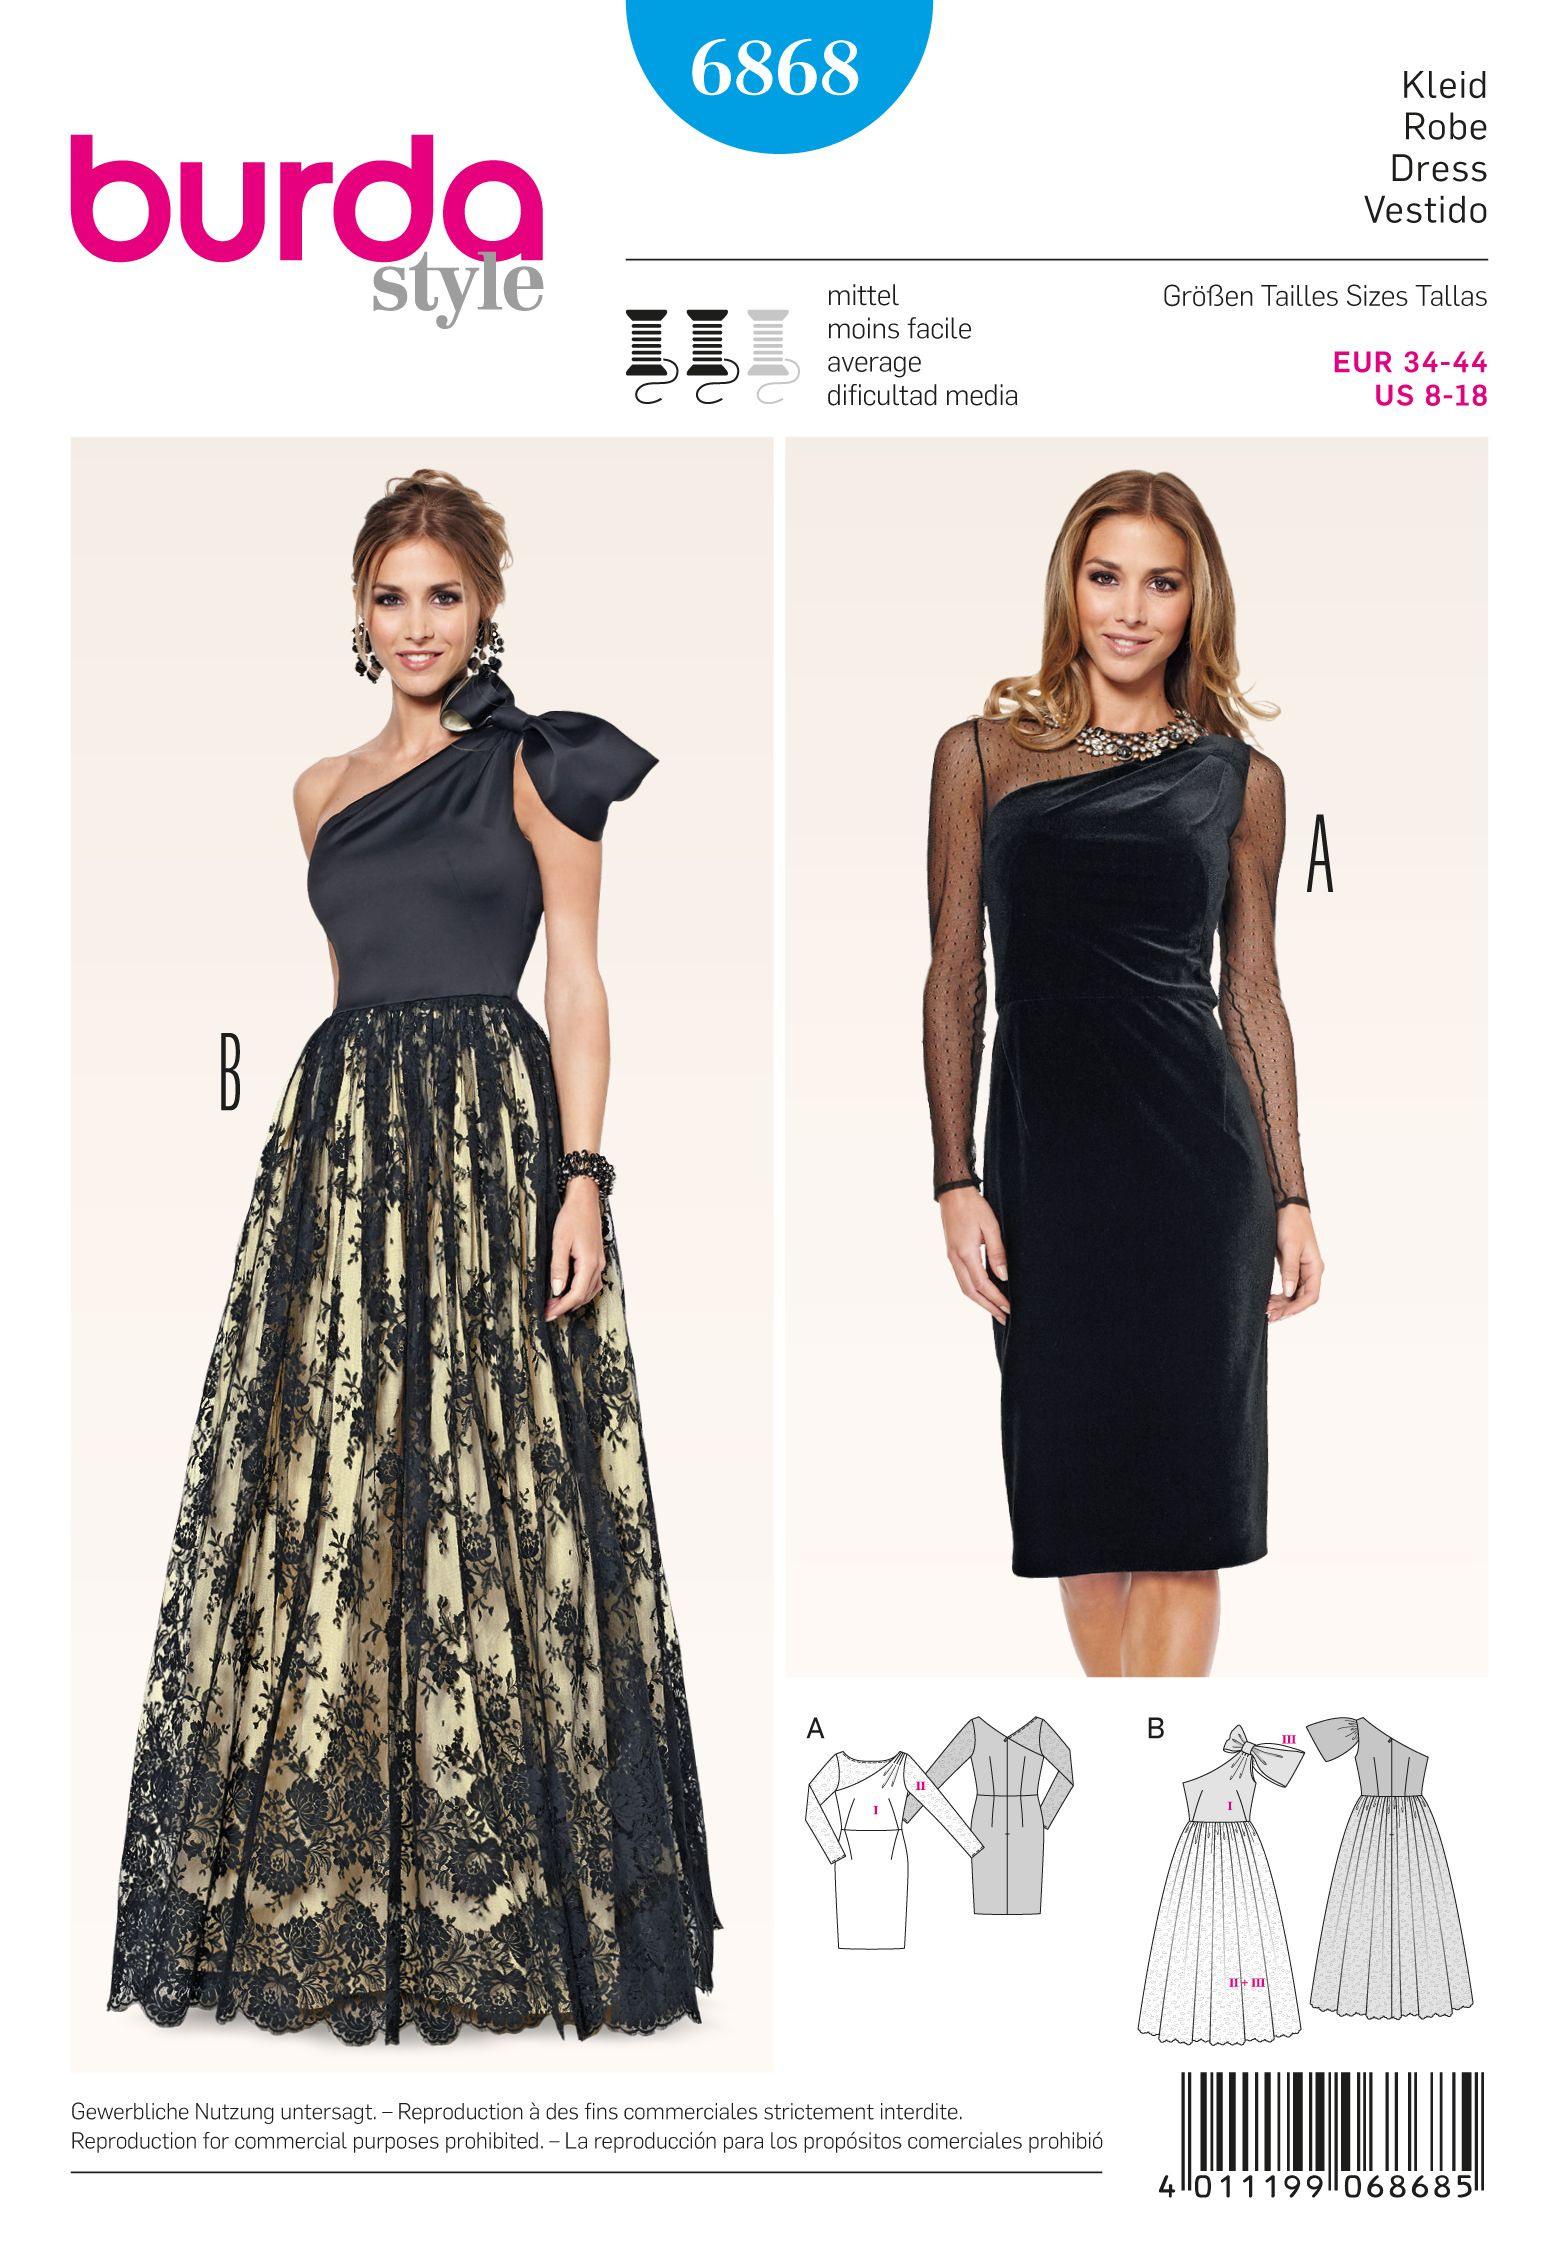 Luxus Abendkleid Nähen Ärmel20 Coolste Abendkleid Nähen Vertrieb